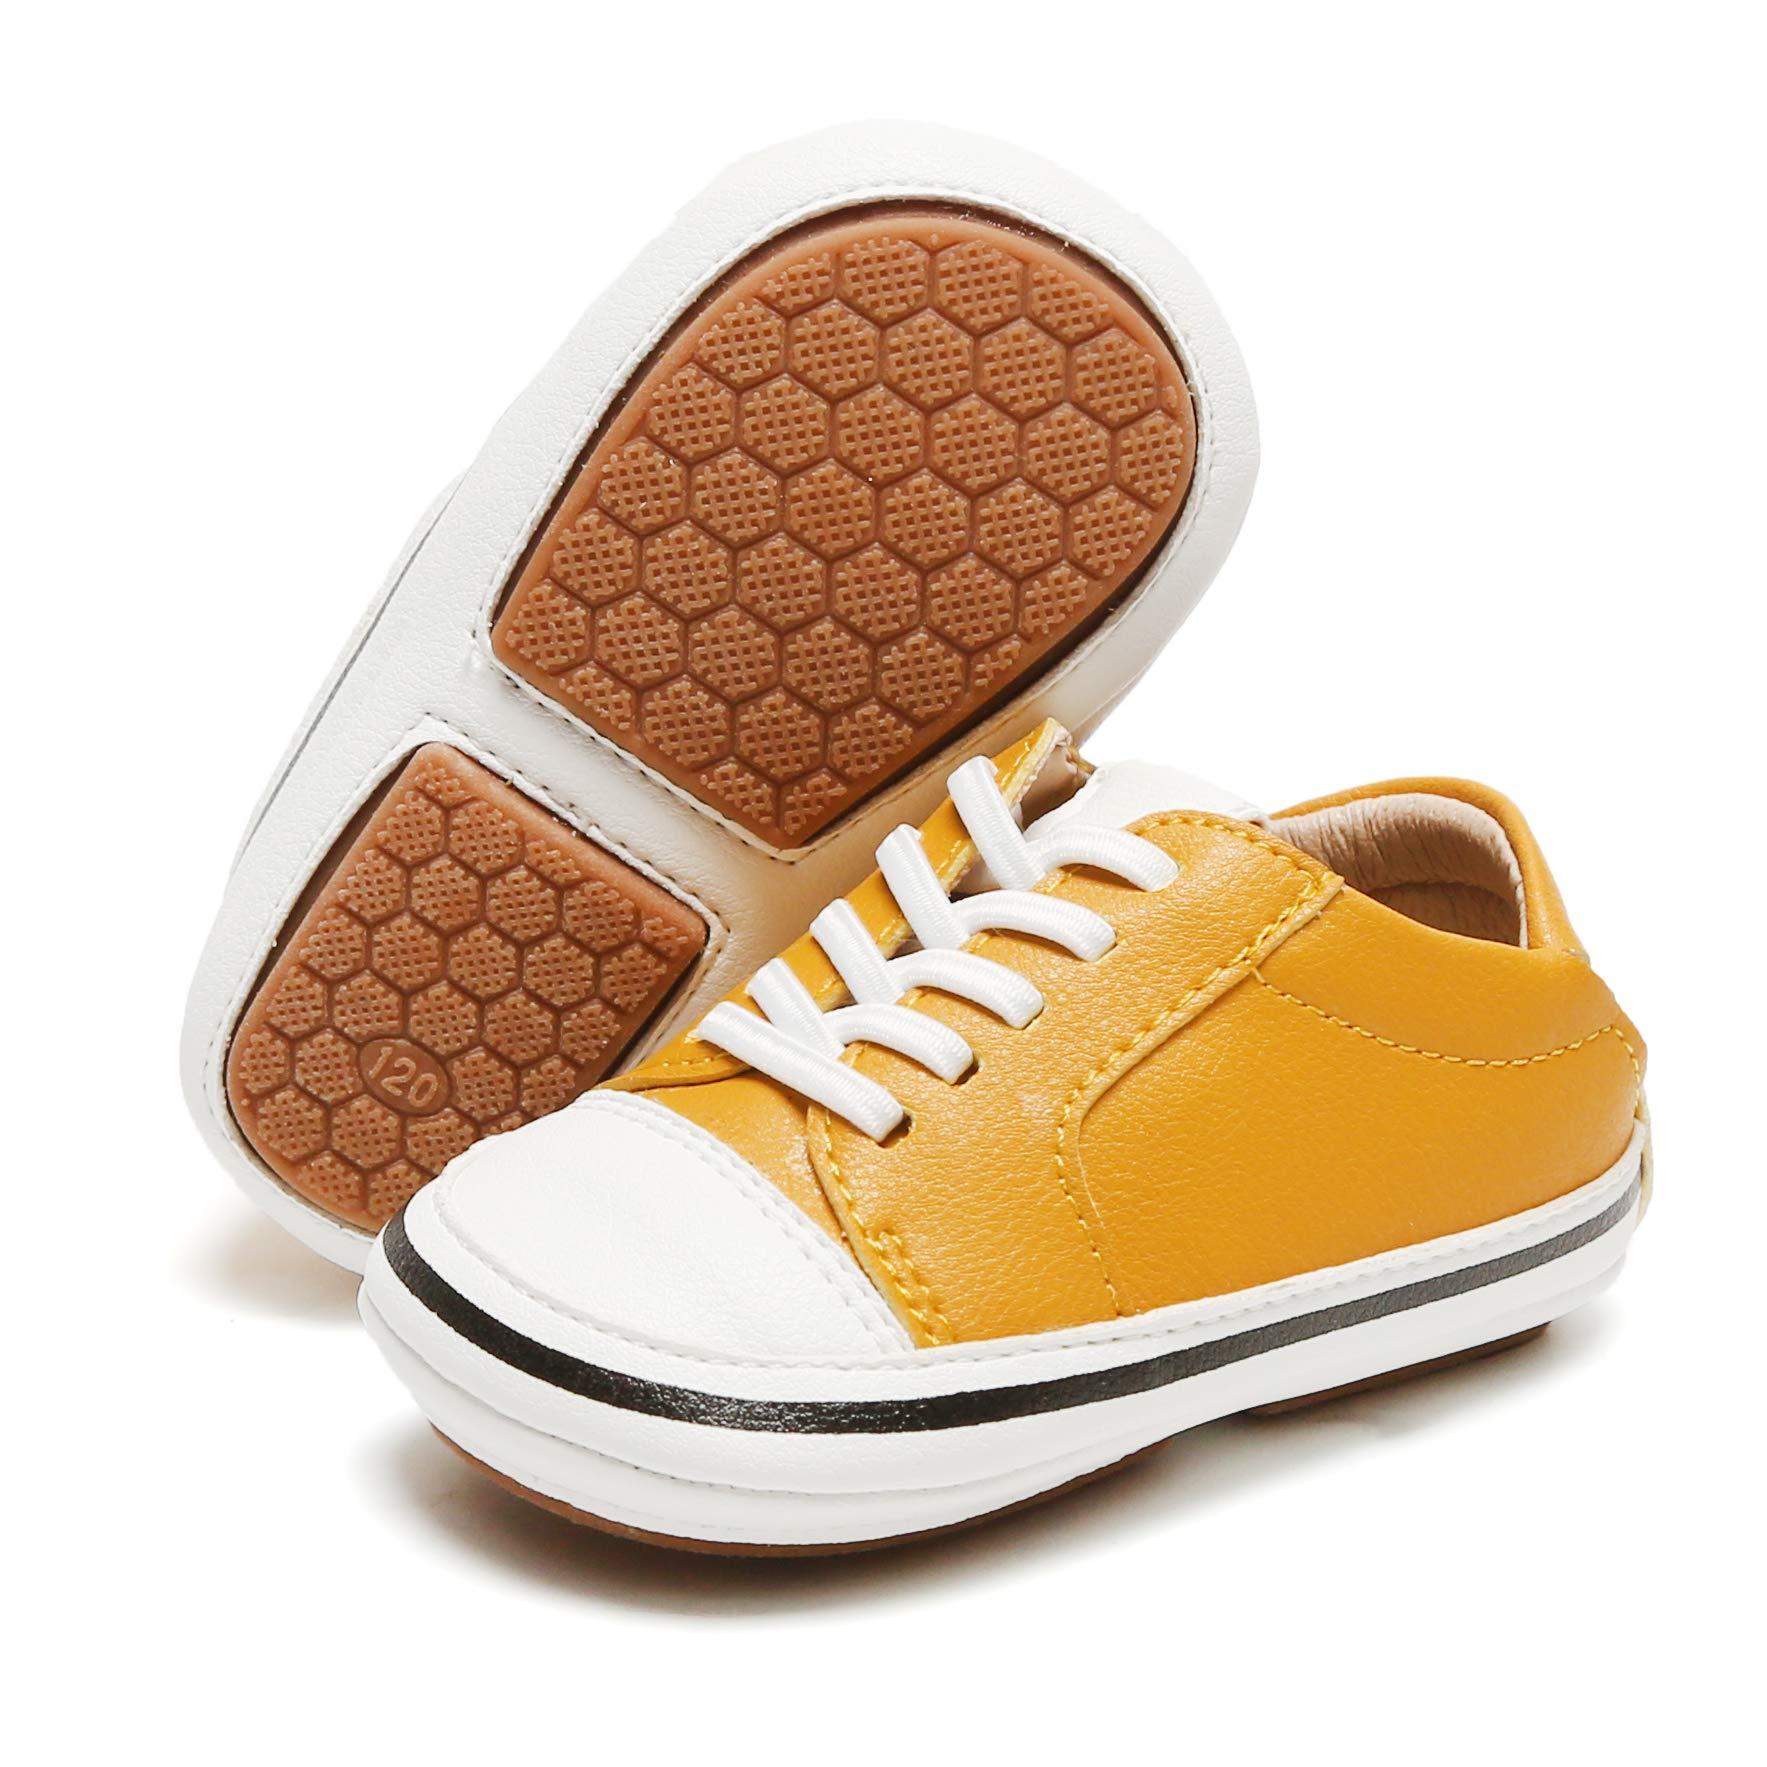 クマモールの赤ちゃんの女の子の赤ちゃんの靴はラバーソールレザーベビーシューズスポーツウォーキングシューズを